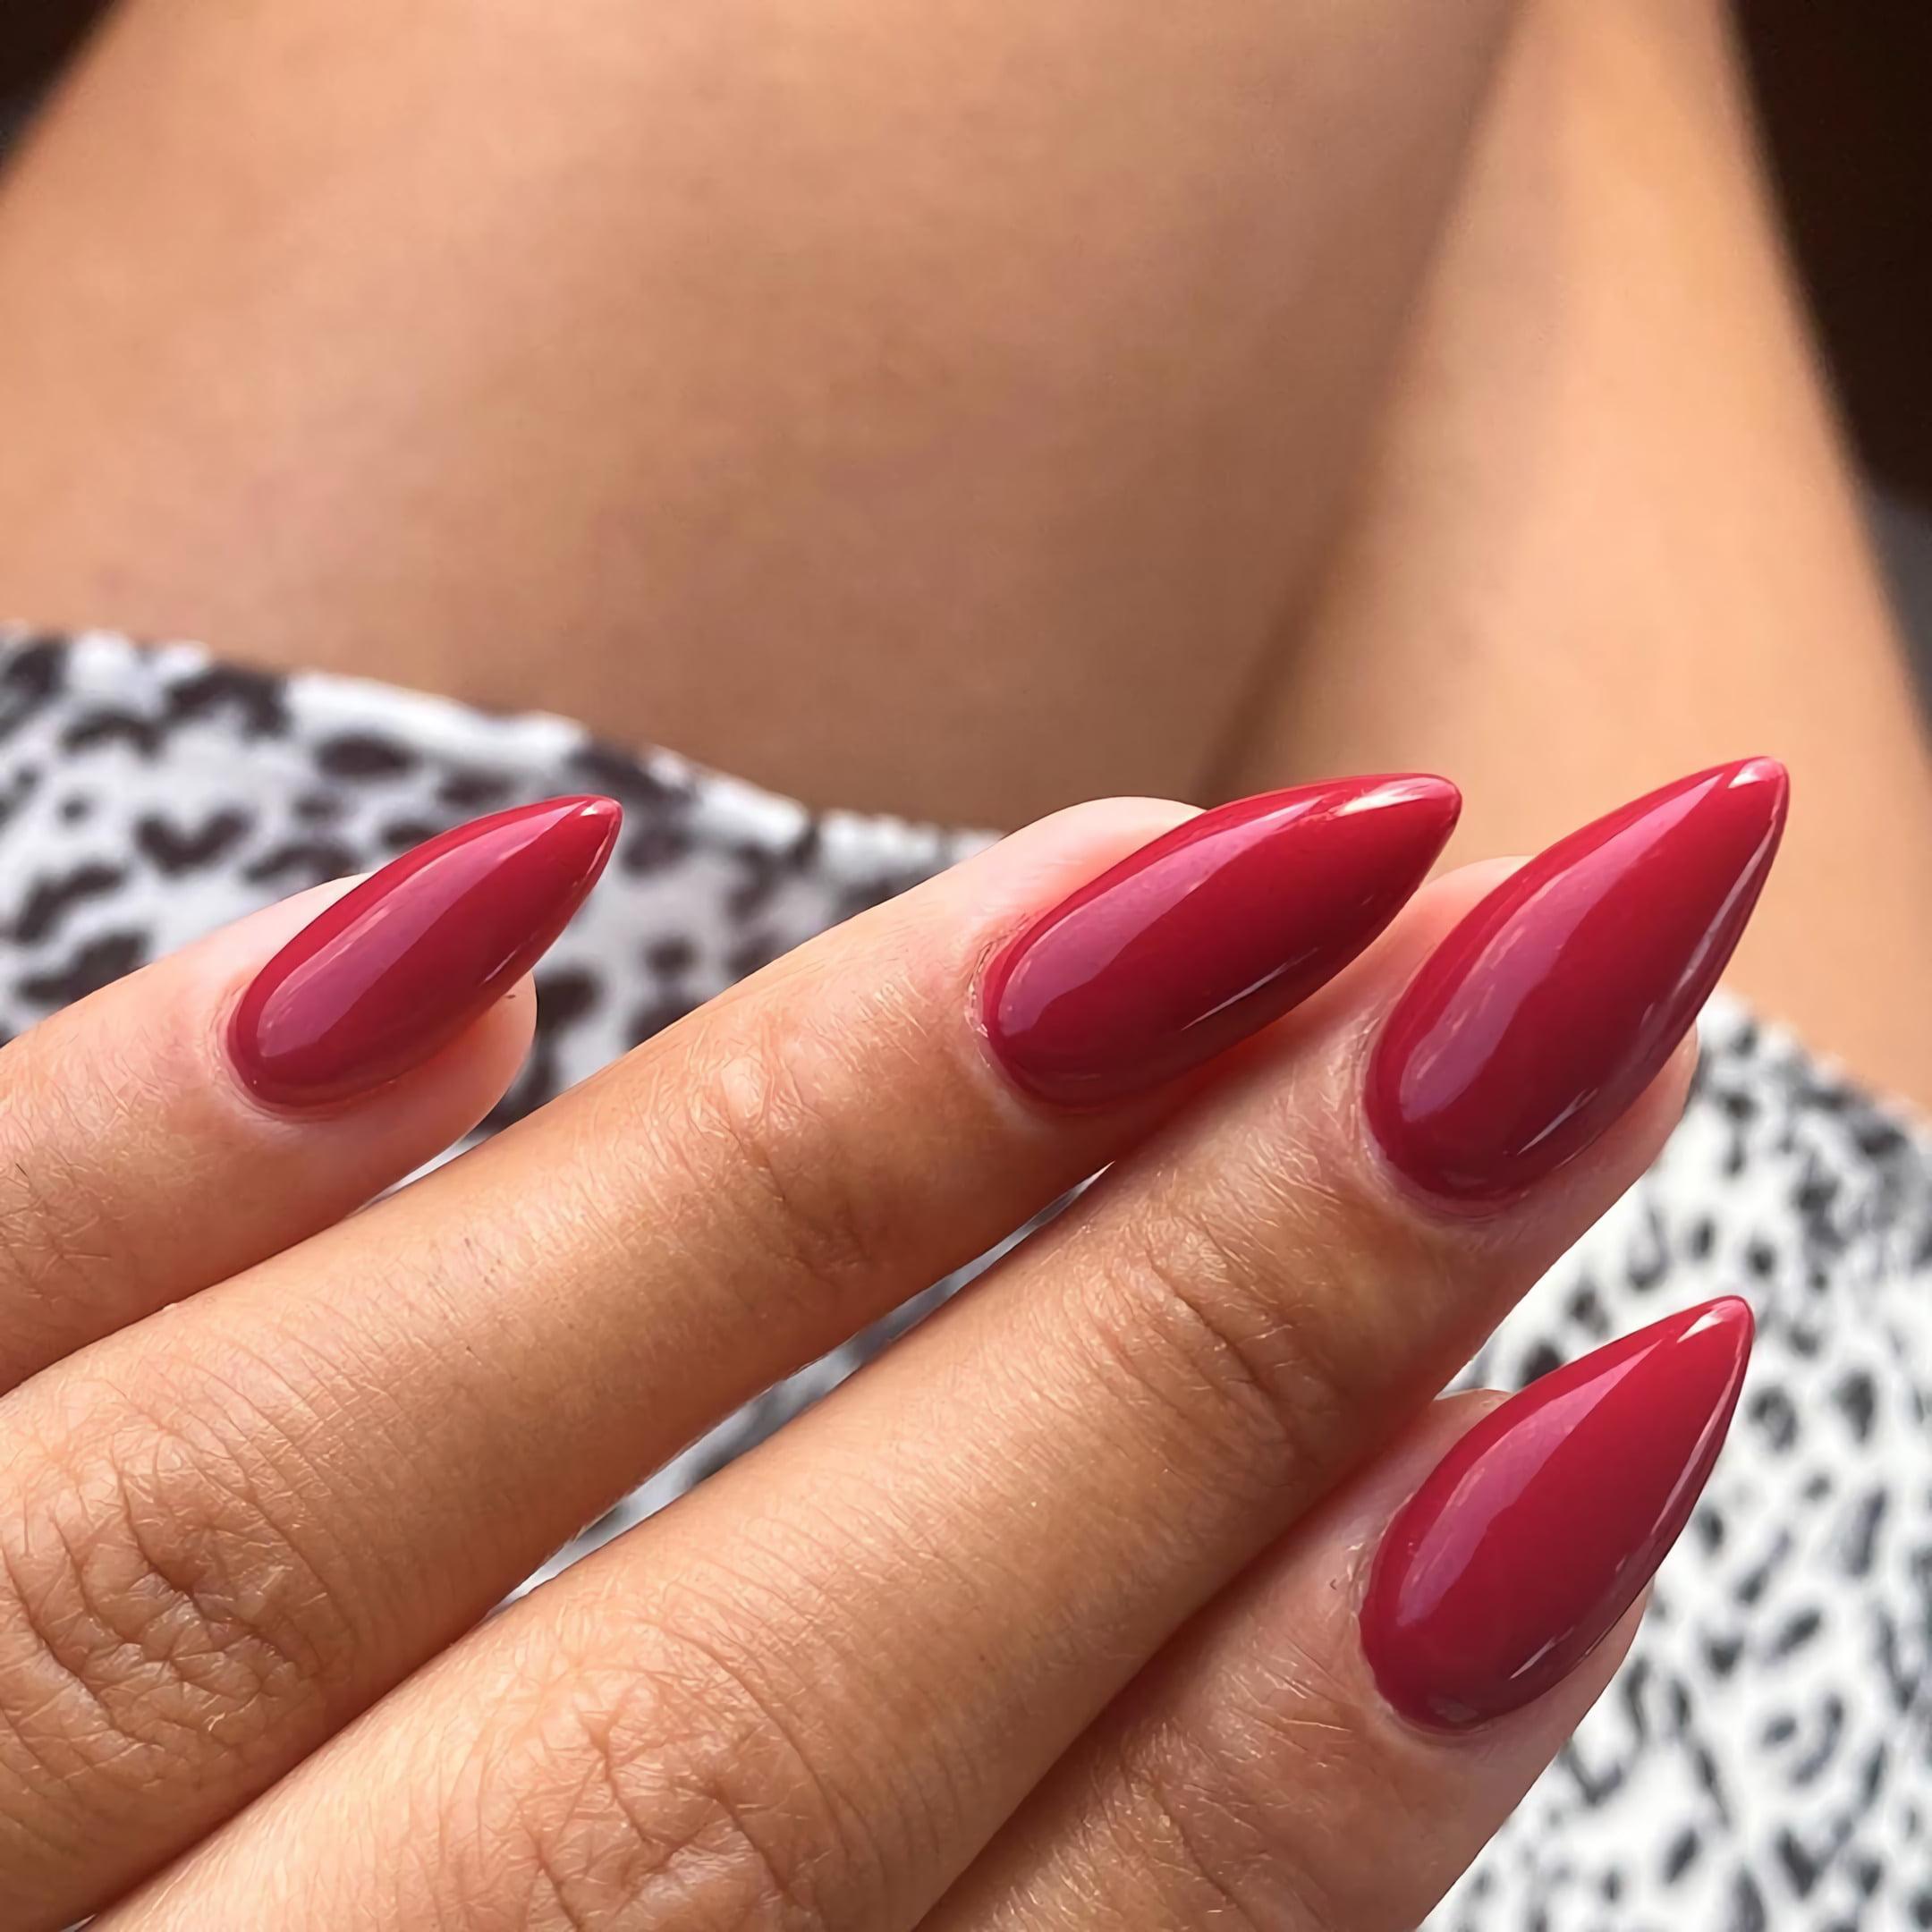 Вишнево-красные ногти